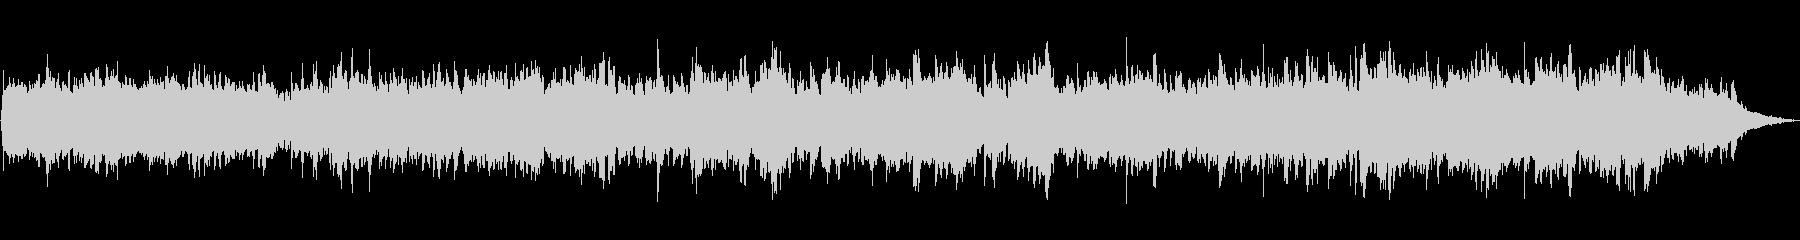 ピアノとシンセサイザーのほのぼのBGMの未再生の波形